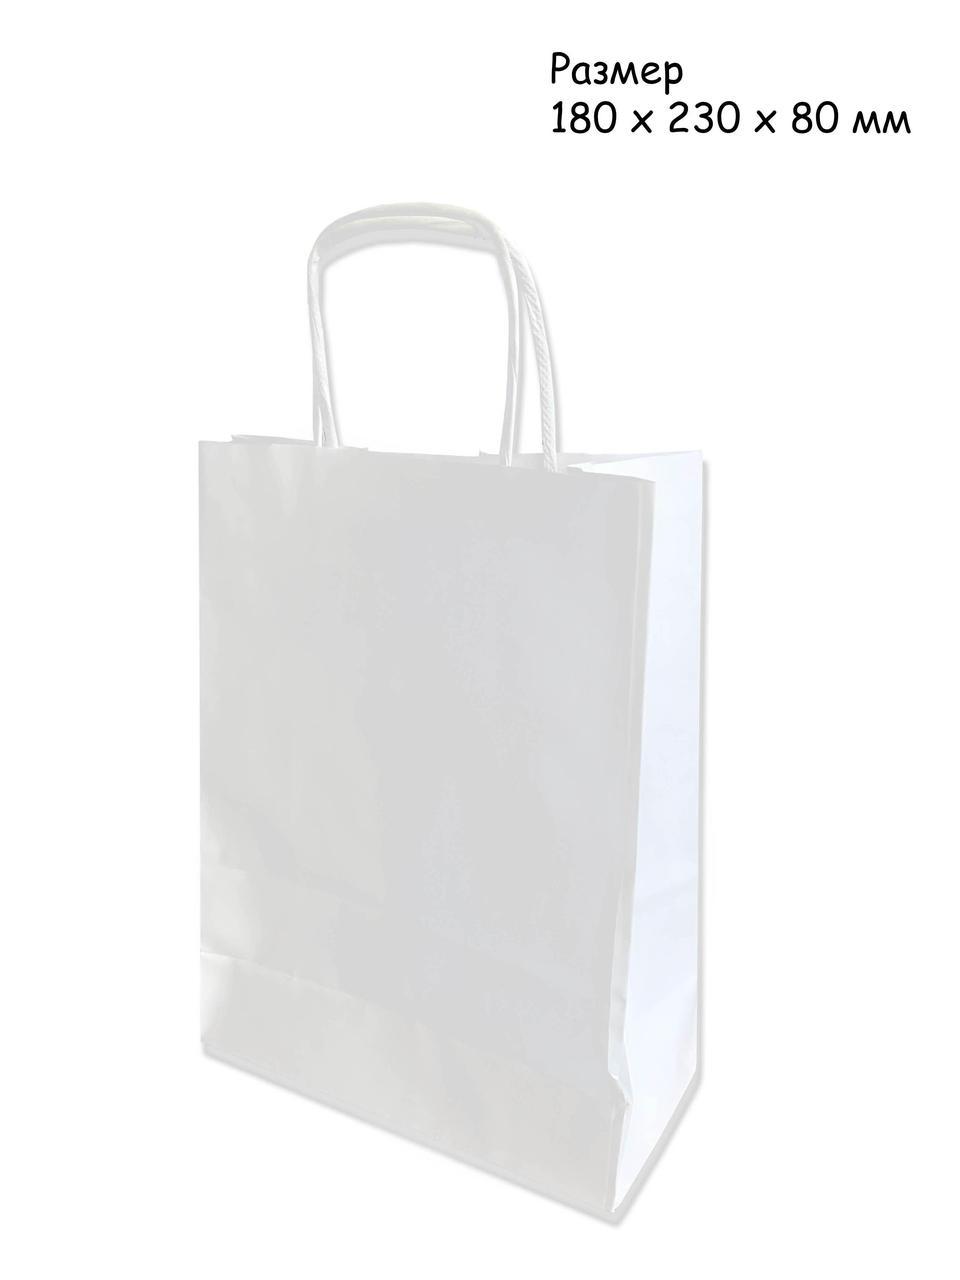 Бумажный пакет (180 x 230 x 80 мм) Витая ручка